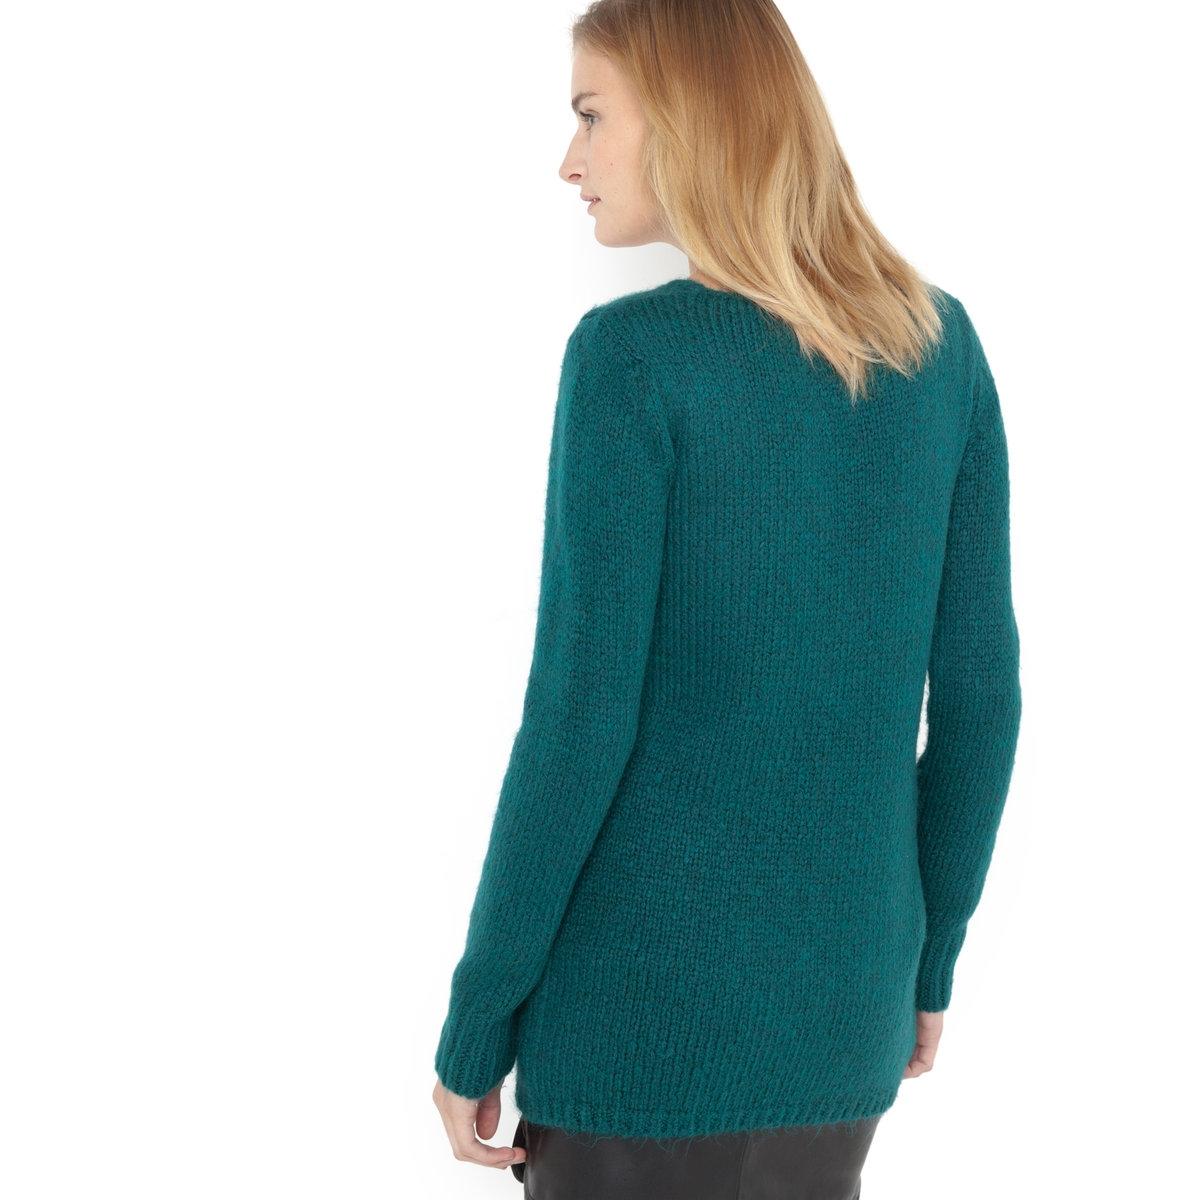 Пуловер с длинными рукавамиПуловер с длинными рукавами и большим V-образным вырезом. 87% акрила, 13% полиэстера. Длина 70 см. Объемный и очень мягкий.<br><br>Цвет: сине-зеленый<br>Размер: 42/44 (FR) - 48/50 (RUS)